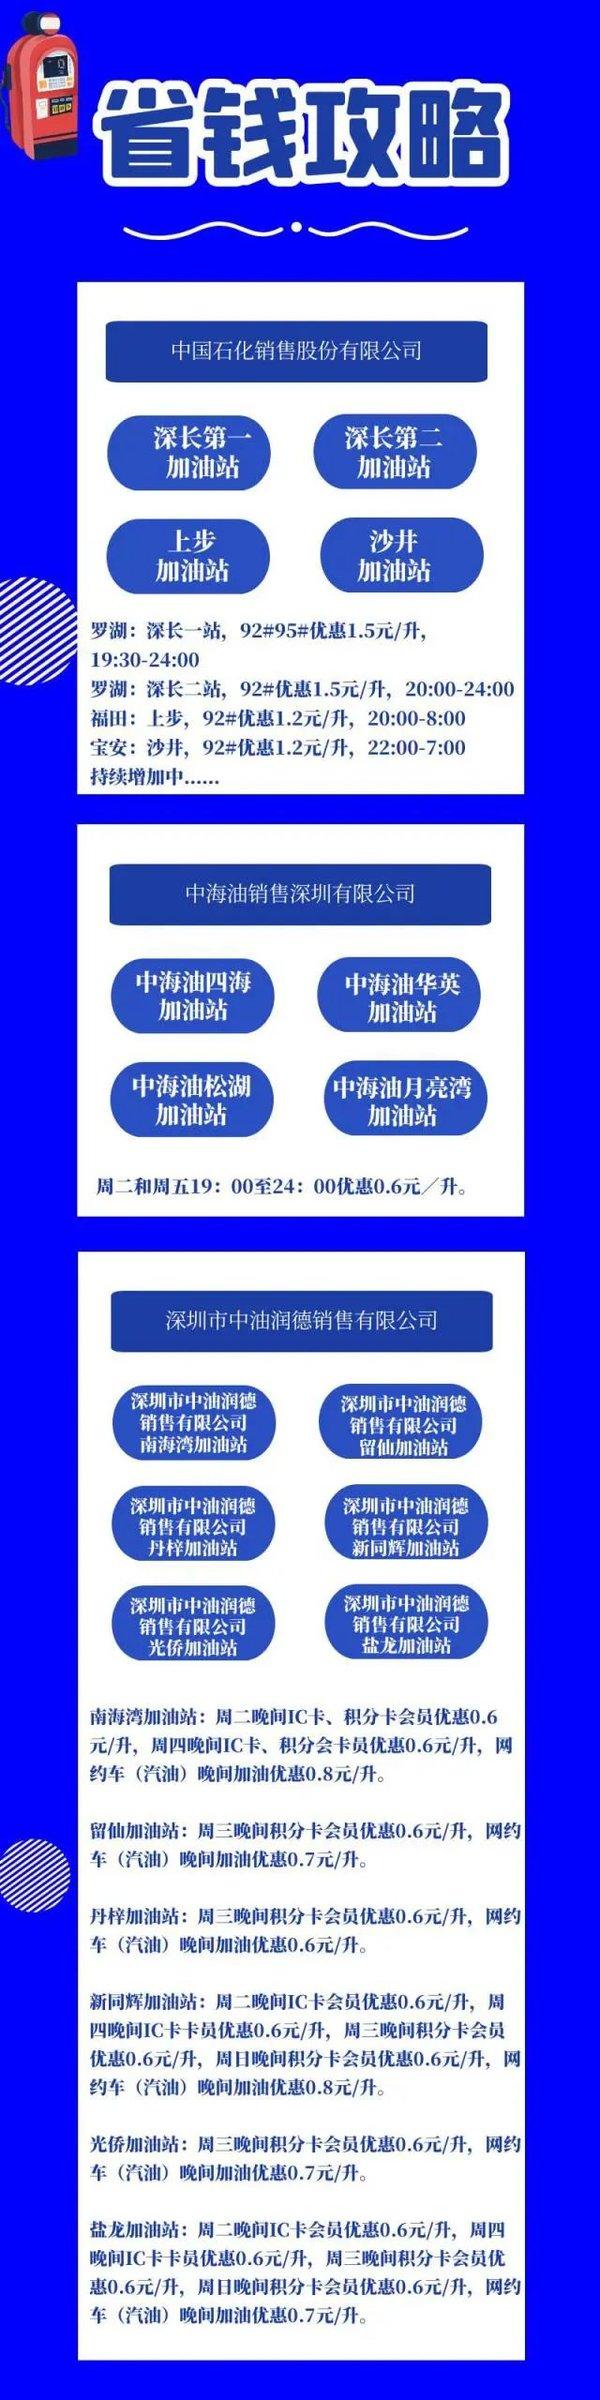 深圳为保环境下血本夜间加油每升便宜1.5元卡友:有这好事?